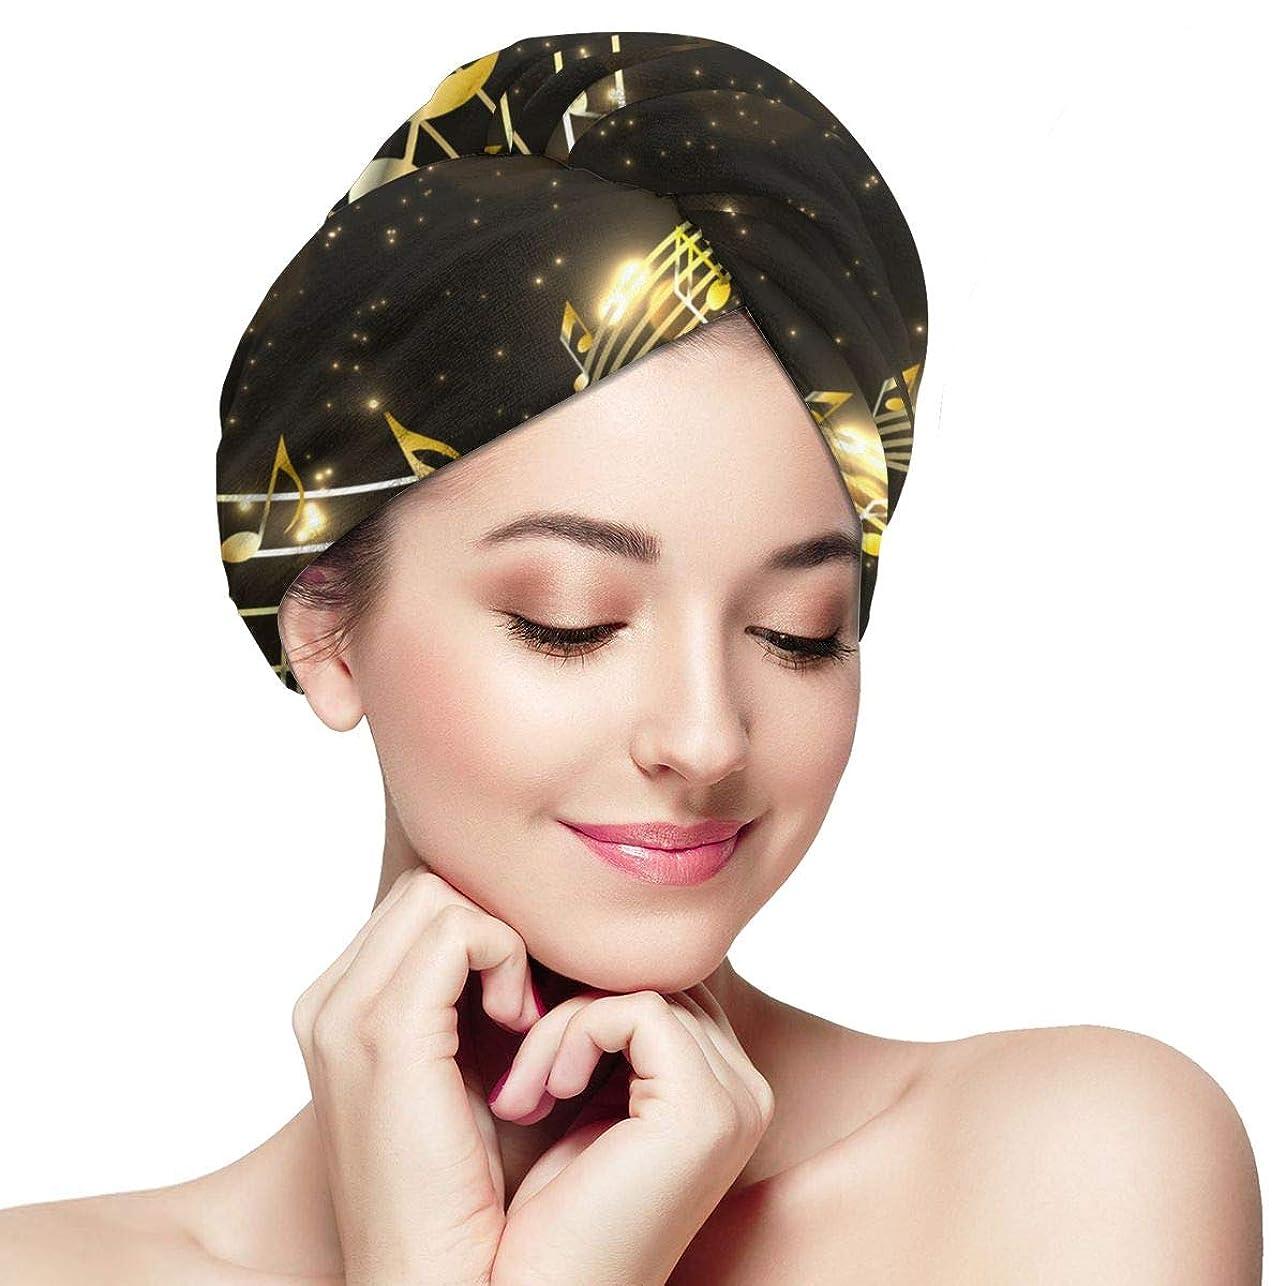 キャンバス投げる鼓舞するレインボーラインウェーブマイクロファイバーヘアタオルゴールデンミュージックノートターバンラージラップターバンキャップ1パック-超吸収性で髪の乾燥時間を大幅に短縮